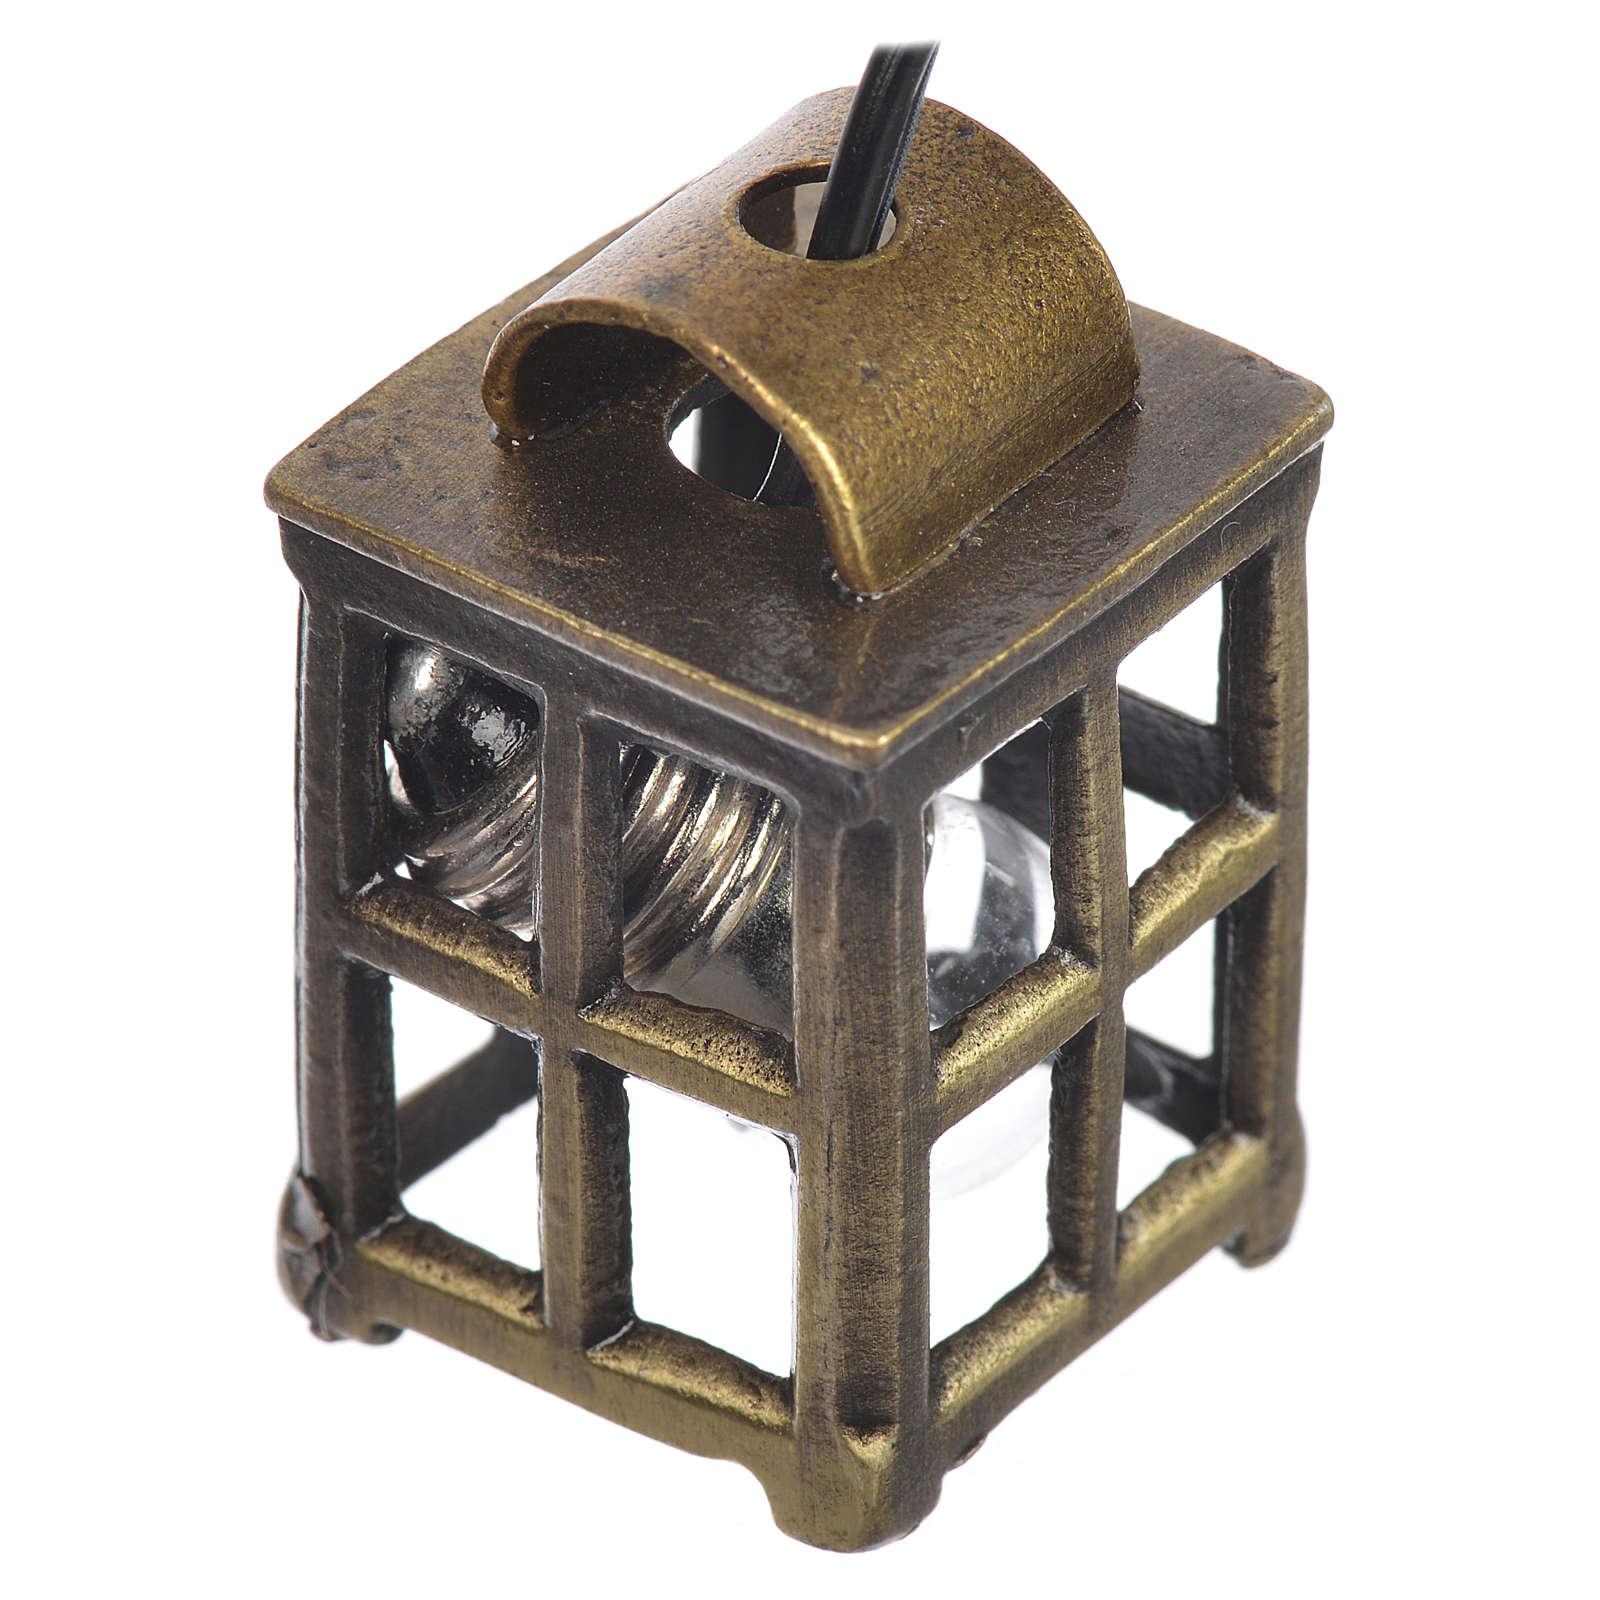 Réverbère métal crèche 2,1x2,1x3,4 cm 3,5V 4